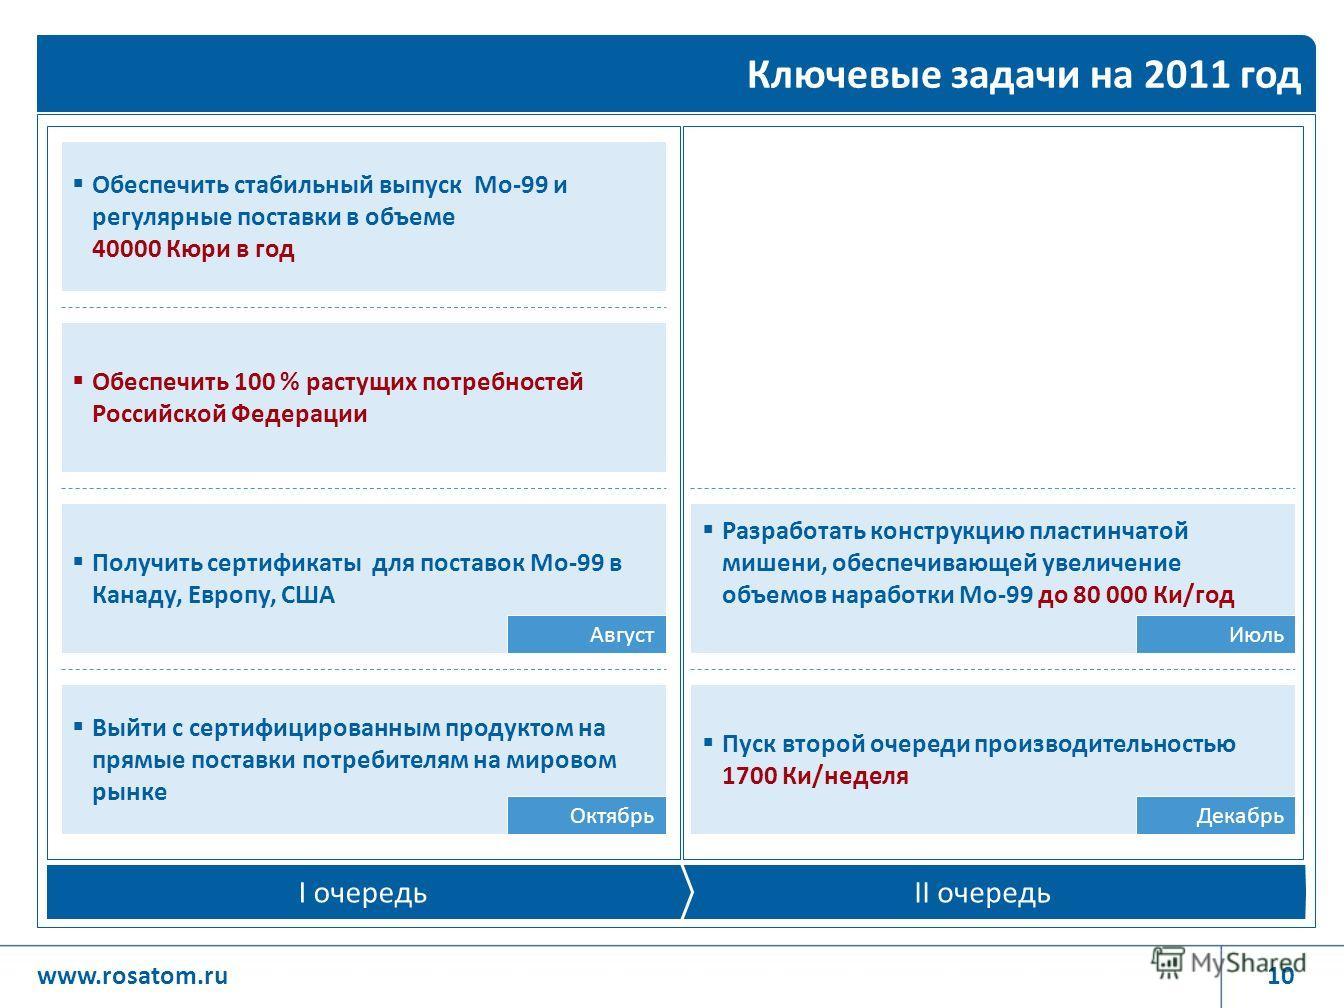 10www.rosatom.ru Ключевые задачи на 2011 год II очередь I очередь Обеспечить стабильный выпуск Мо-99 и регулярные поставки в объеме 40000 Кюри в год Обеспечить 100 % растущих потребностей Российской Федерации Получить сертификаты для поставок Мо-99 в